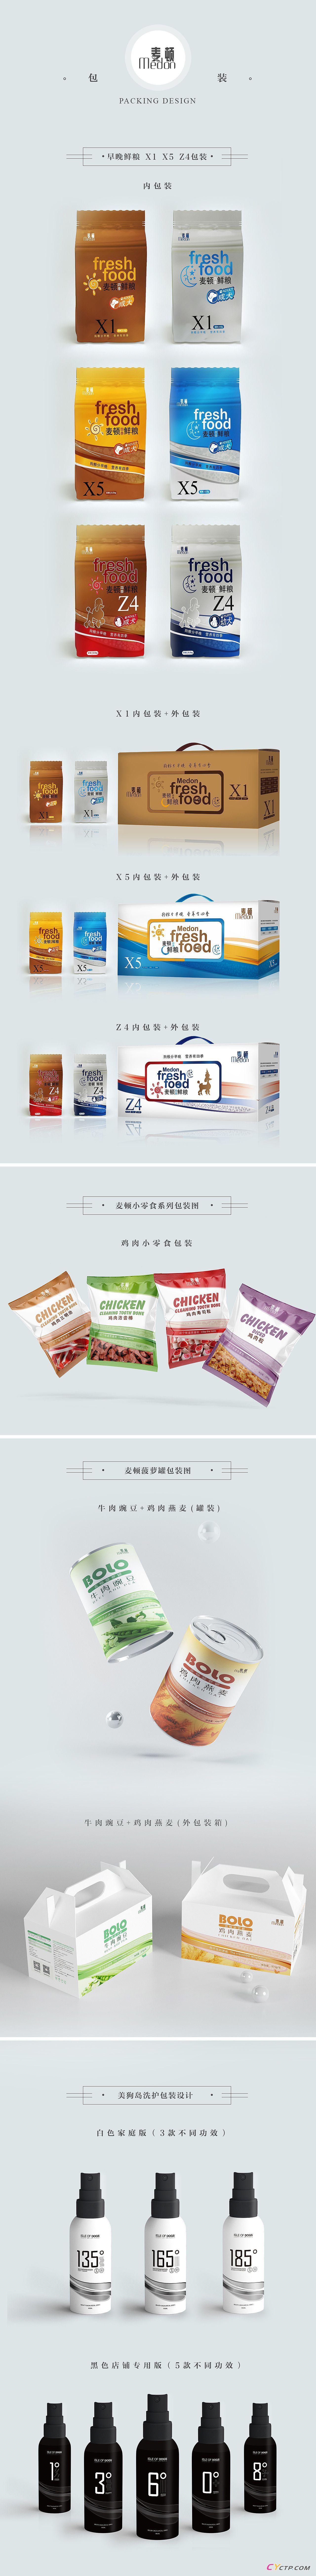 包装-月饼包装、儿童手表包装、宠物食品洗护包装